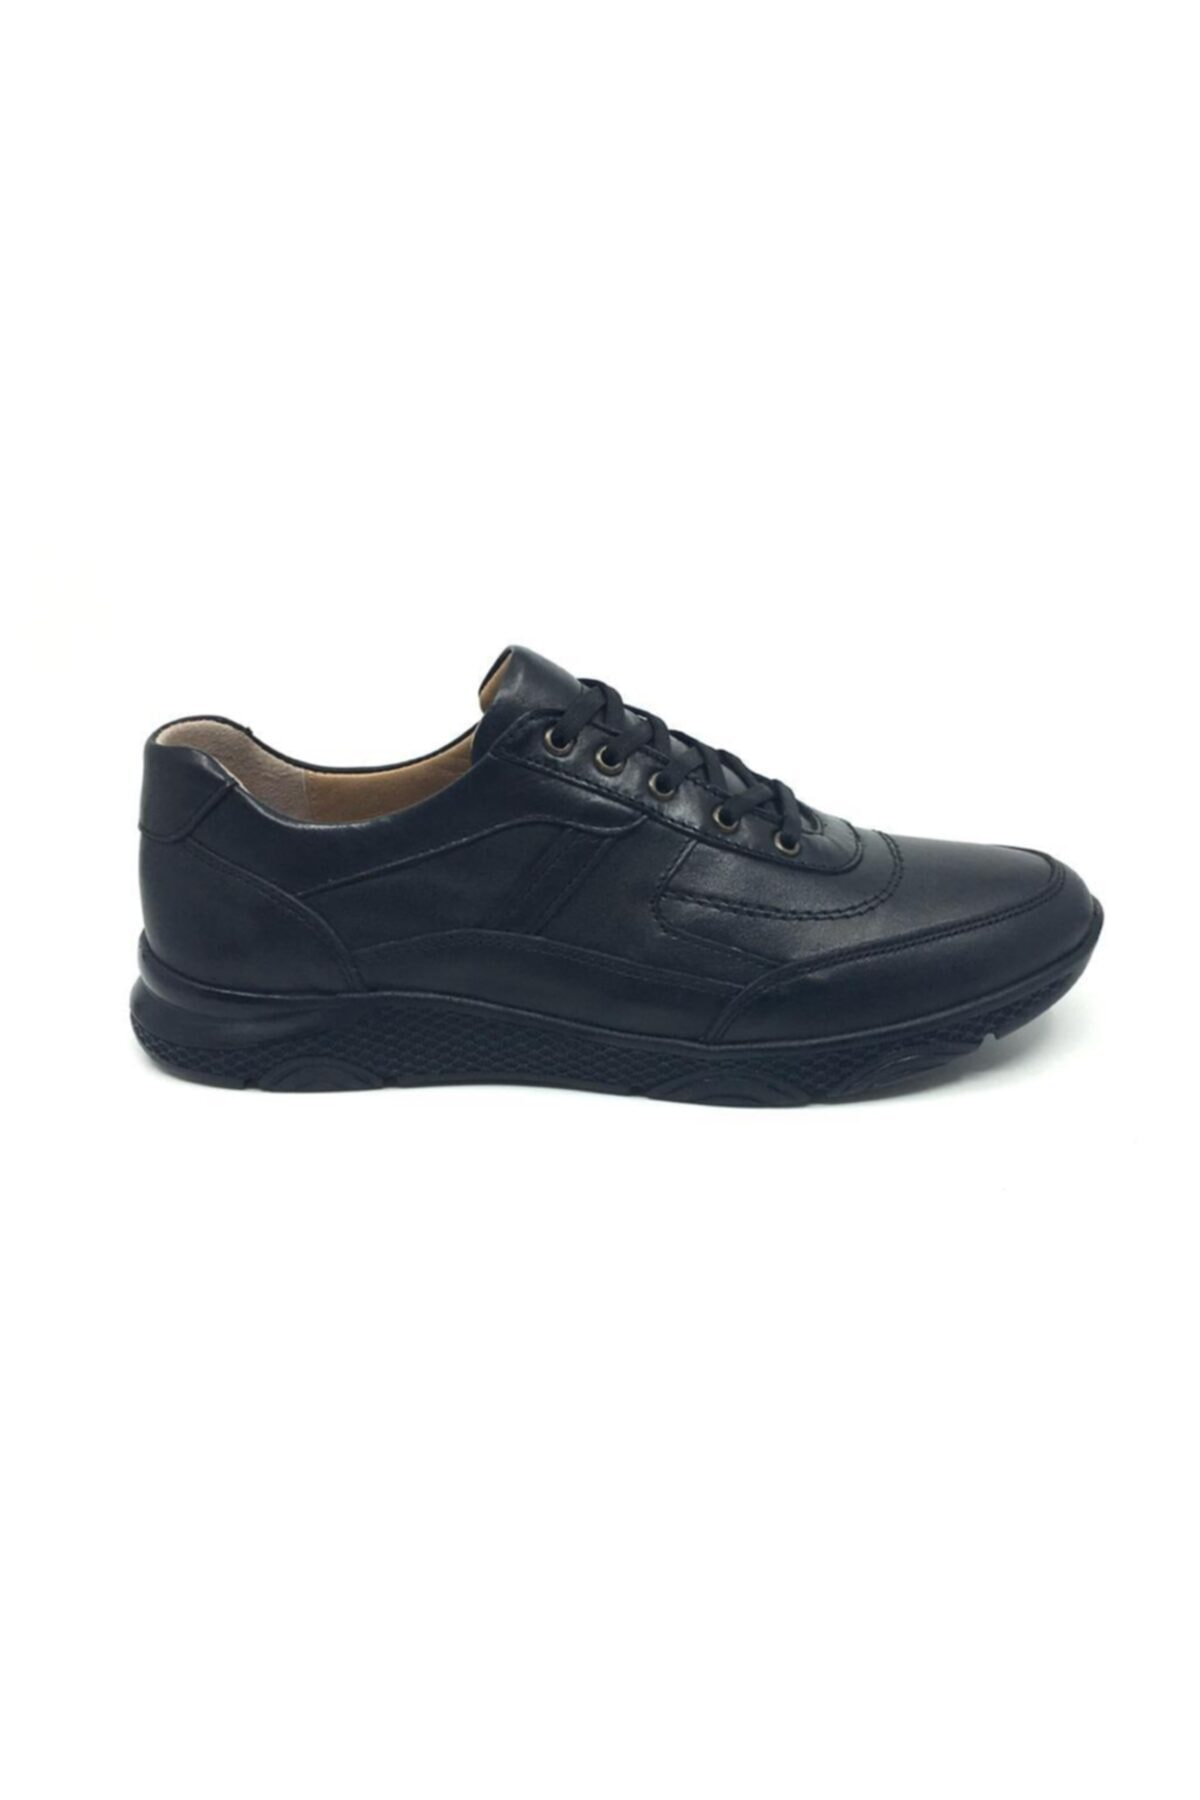 Taşpınar Erkek Siyah Hakiki Deri Klasik Ayakkabı 2